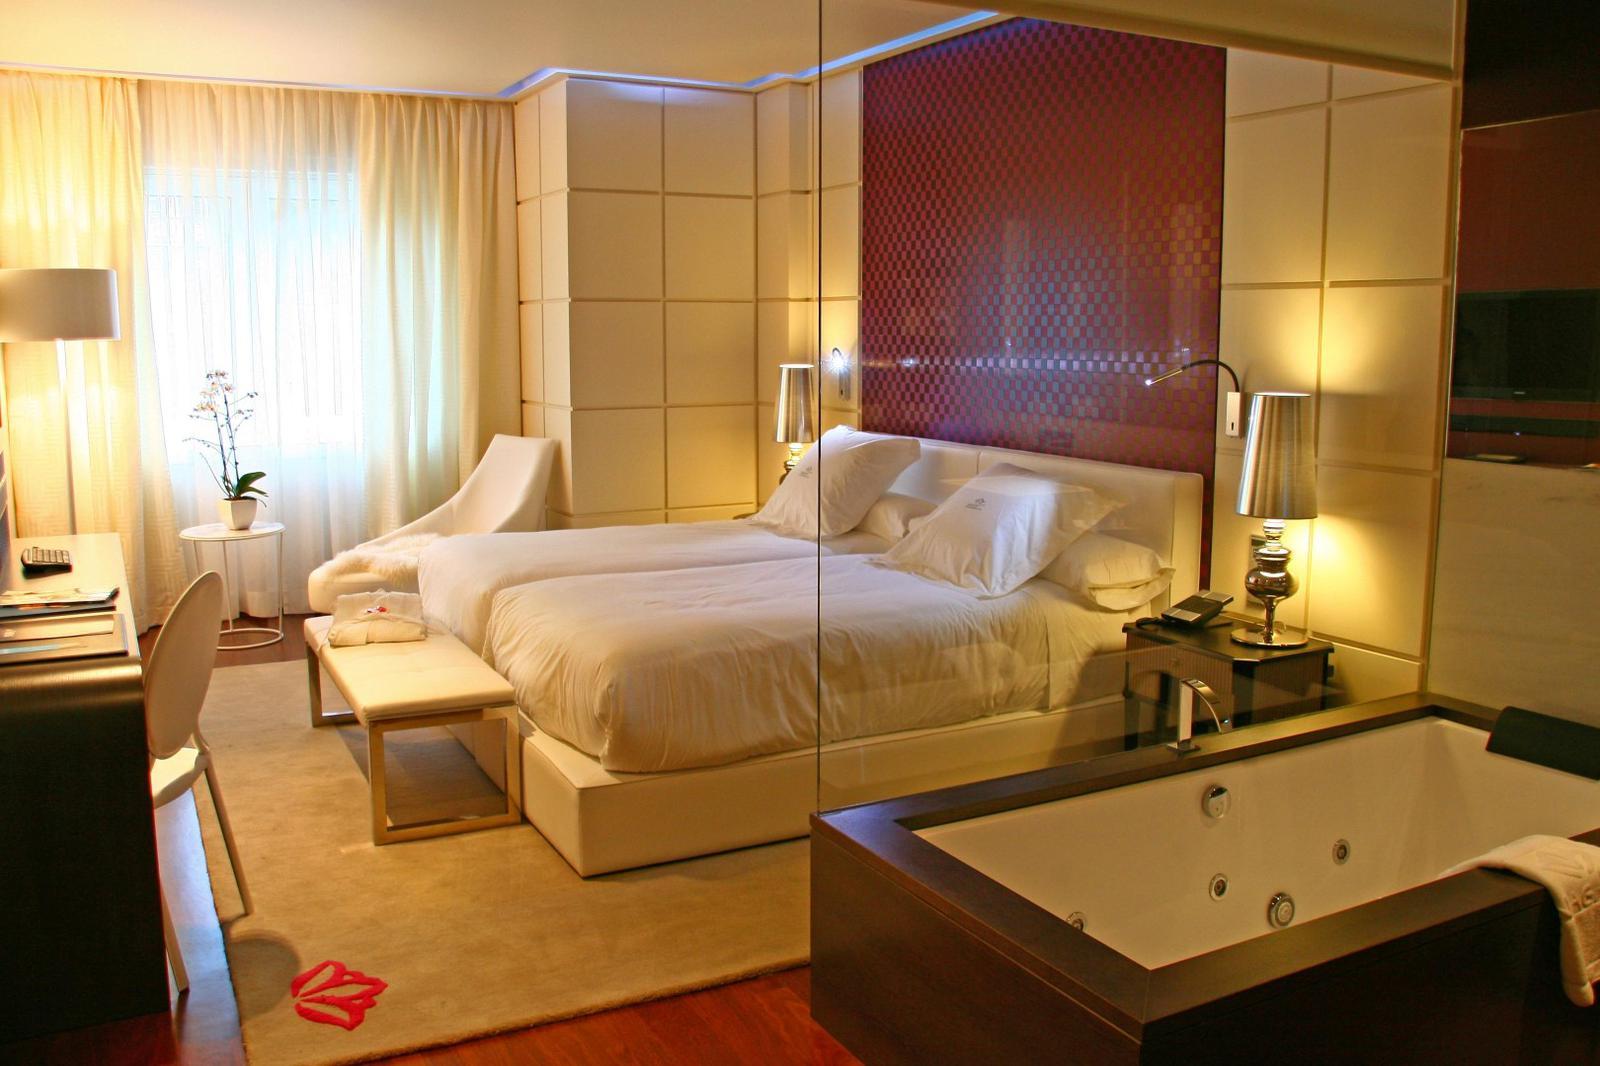 7 hoteles para disfrutar san valent n por menos de 65 - Decoracion vigo ...